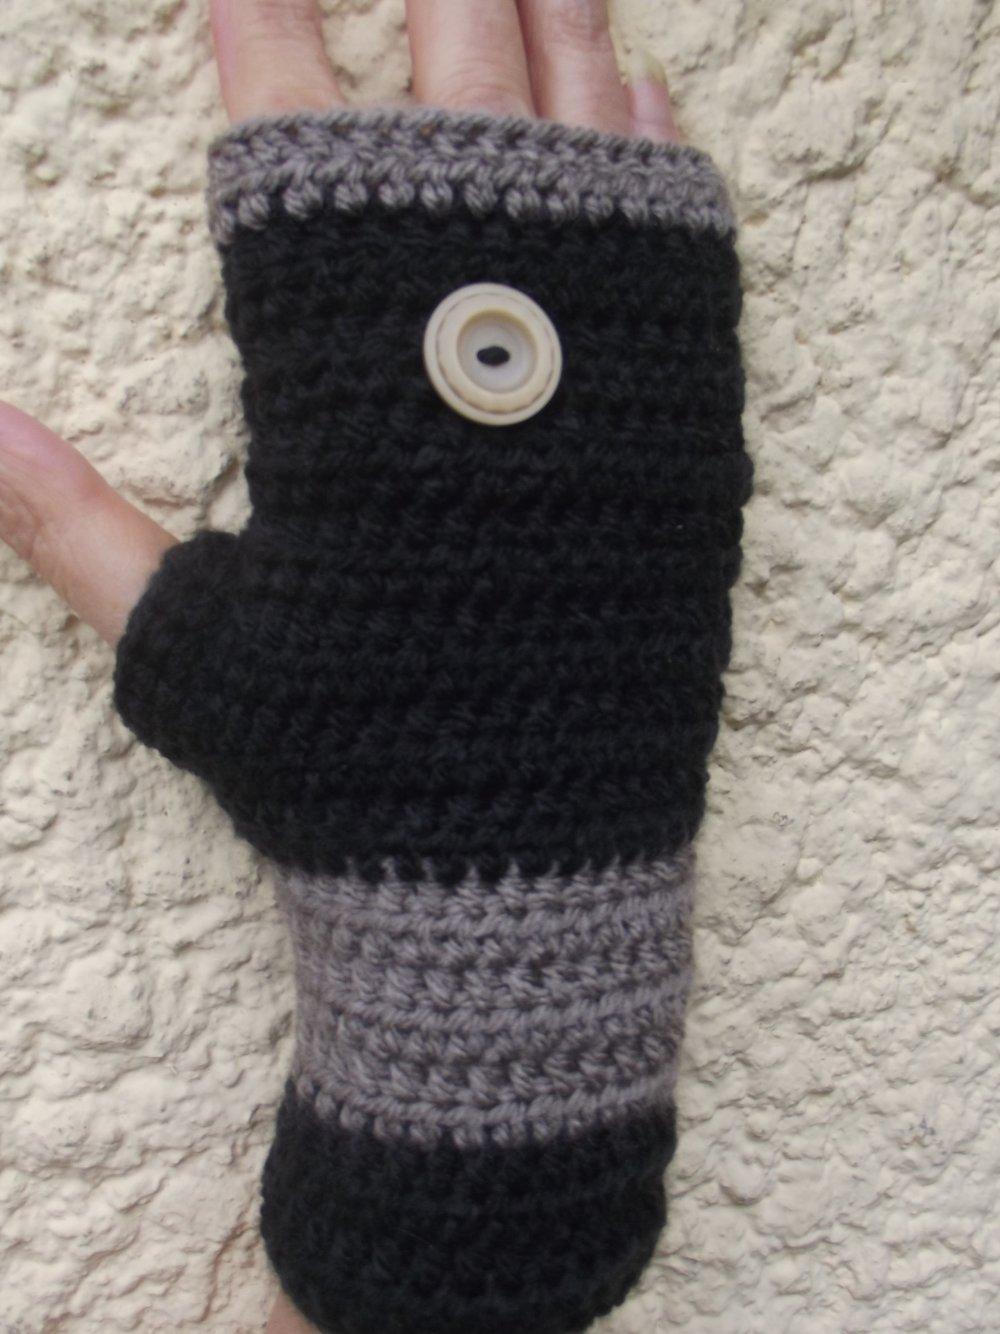 mitaines noires et beige femme réalisées au crochet en laine acrylique